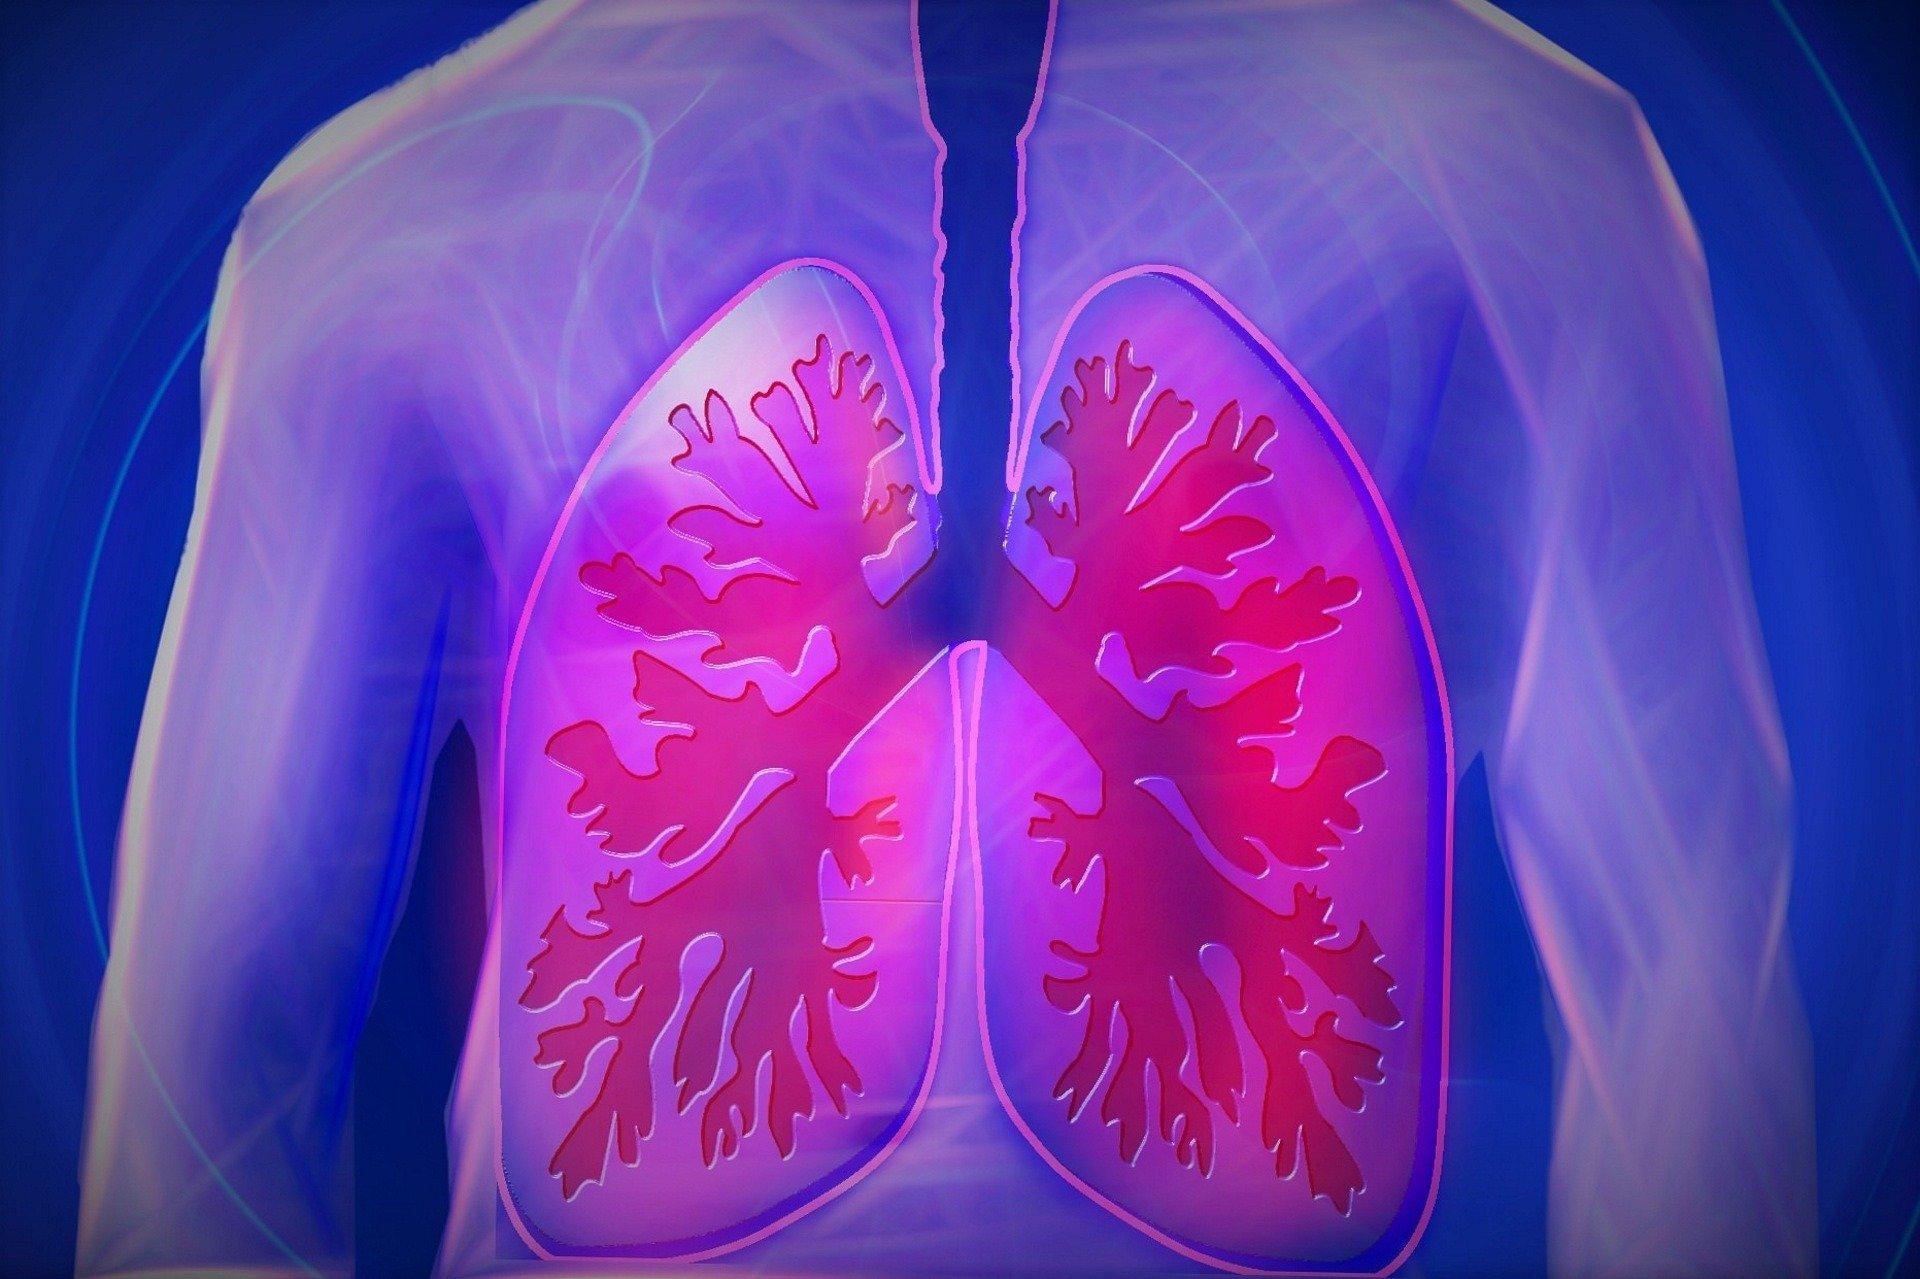 Aktivierte PMN exosomen sind pathogene Entitäten, die Ursache der Zerstörung in der COPD-Lunge